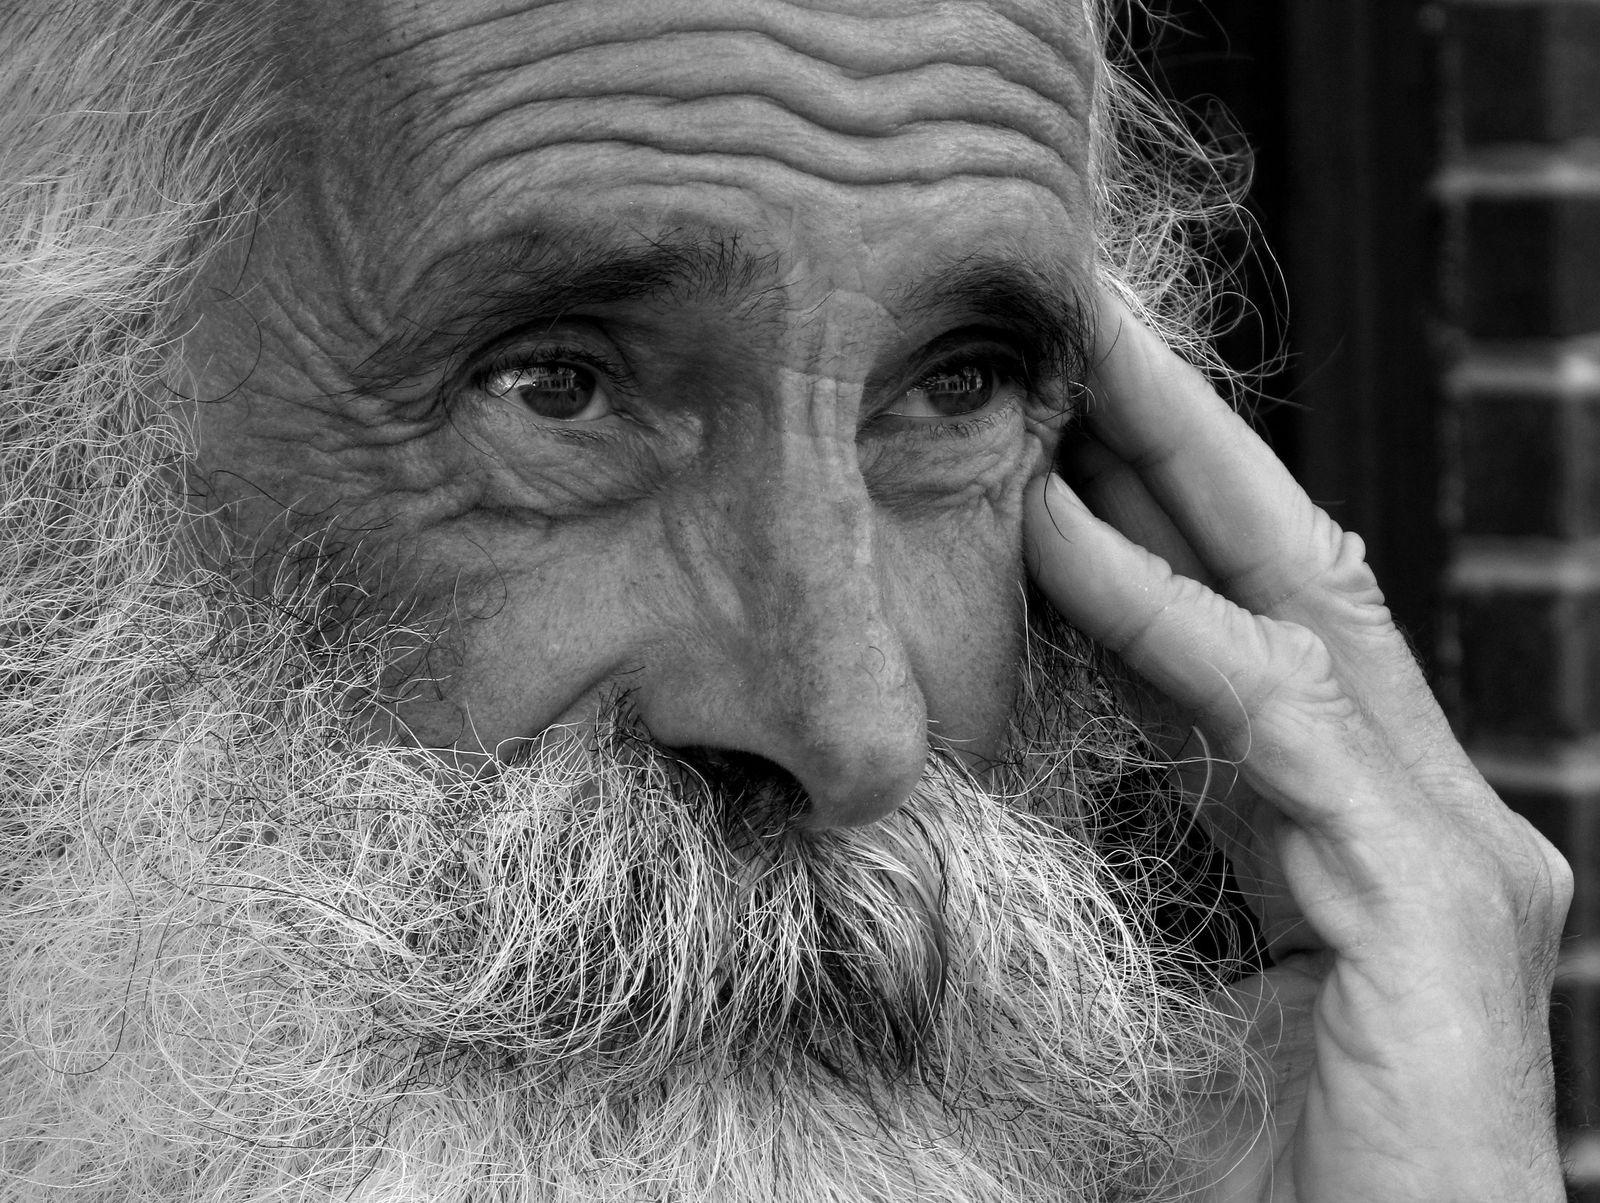 Musí být myšlenka na stárnutí nutně depresivní?